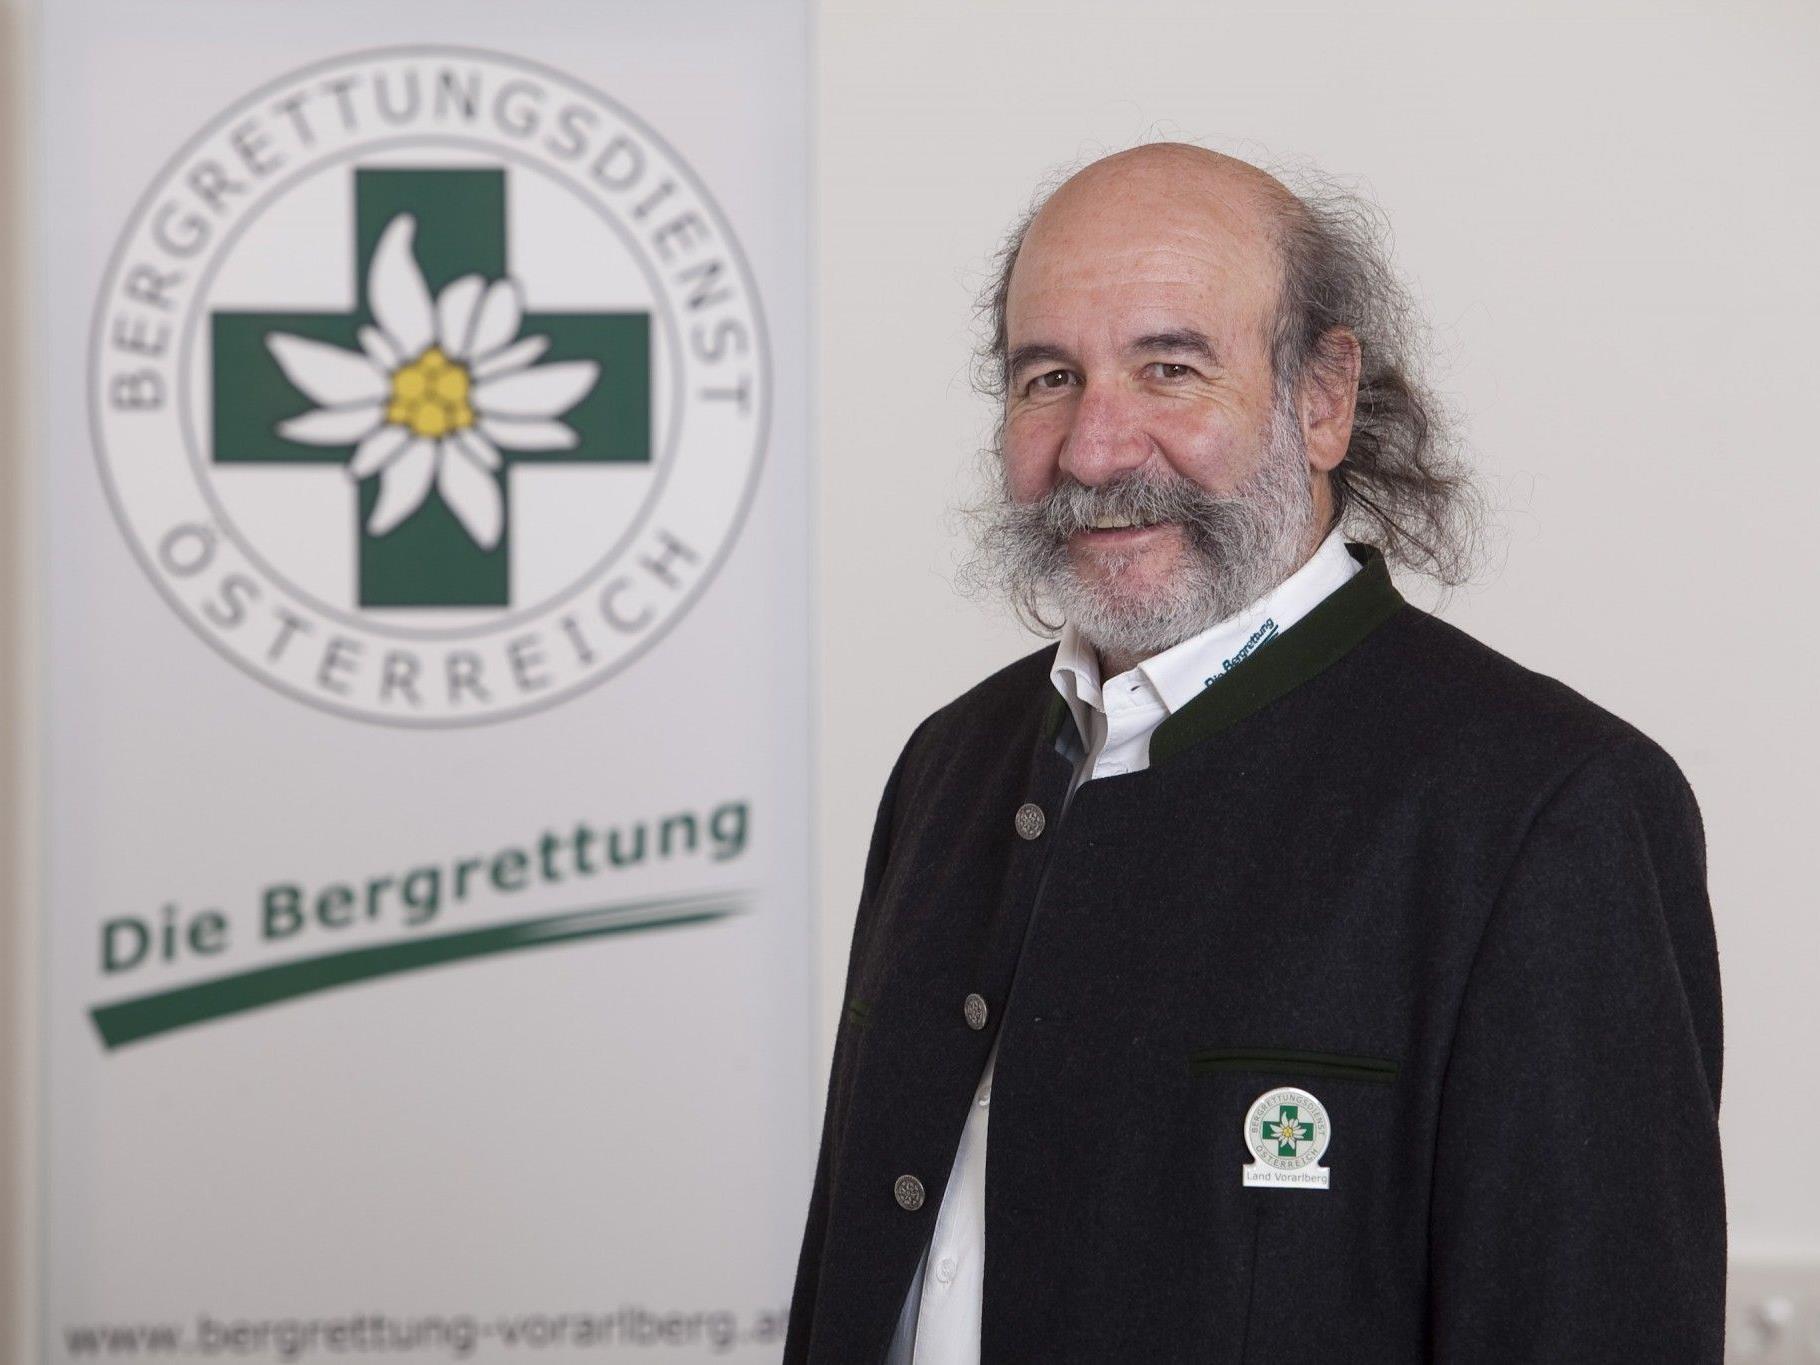 Gebhard Barbisch Präsident für Bodenrettung bei der IKAR und Landesleiter der Bergrettung Vorarlberg